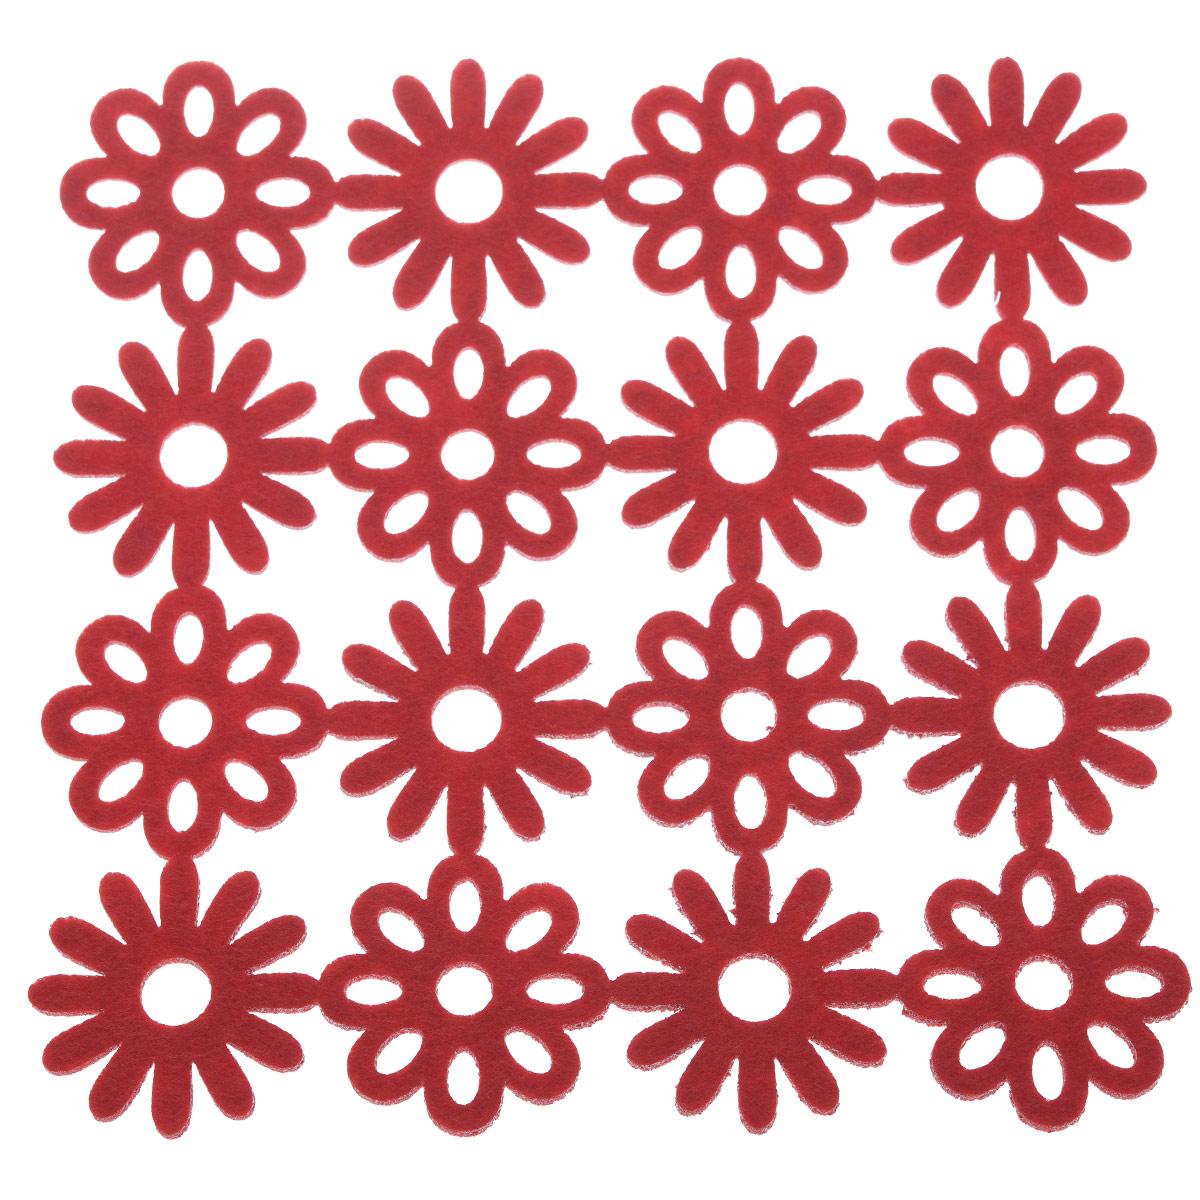 Салфетка-подставка Orange, квадратная, цвет: красный, 20 х 20 см82015_красныйСалфетка Orange используется как подставка под горячее. Так же возможно использование как украшение интерьера.